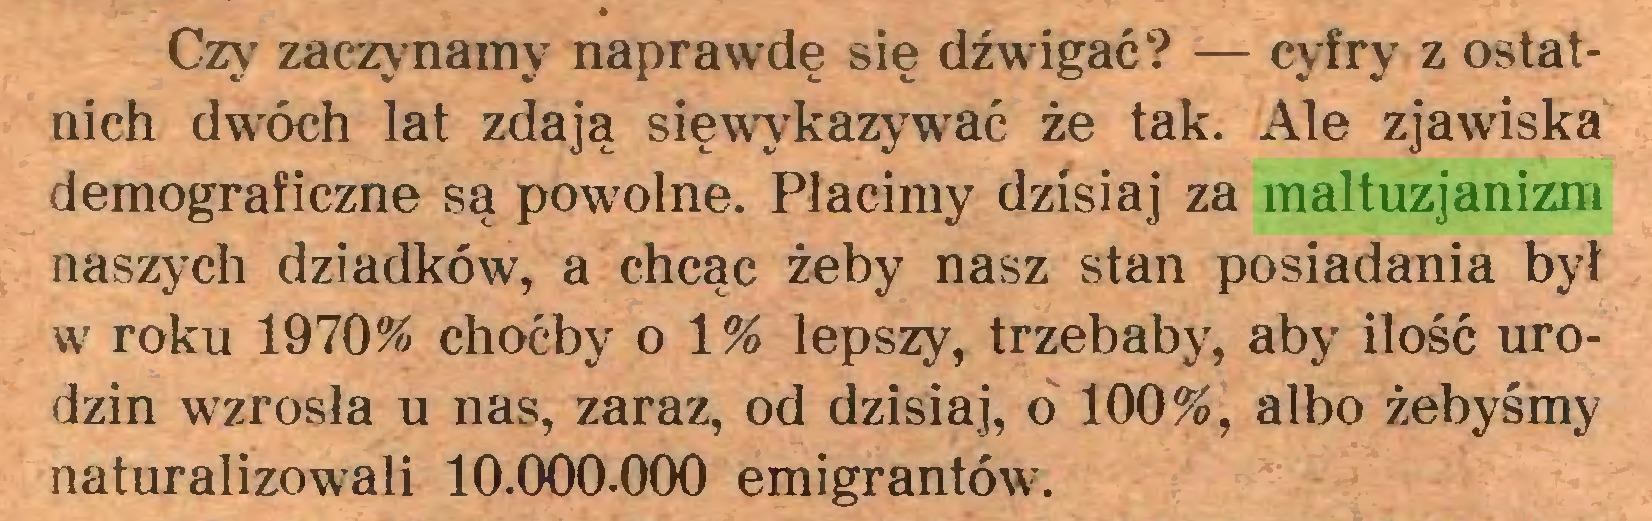 (...) Czy zaczynamy naprawdę się dźwigać? — cyfry z ostatnich dwróch lat zdają sięwykazywać że tak. Ale zjawiska demograficzne są powolne. Płacimy dzisiaj za maltuzjanizm naszych dziadków, a chcąc żeby nasz stan posiadania był w roku 1970% choćby o 1 % lepszy, trzebaby, aby ilość urodzin wzrosła u nas, zaraz, od dzisiaj, o 100%, albo żebyśmy naturalizowali 10.000.000 emigrantów-...